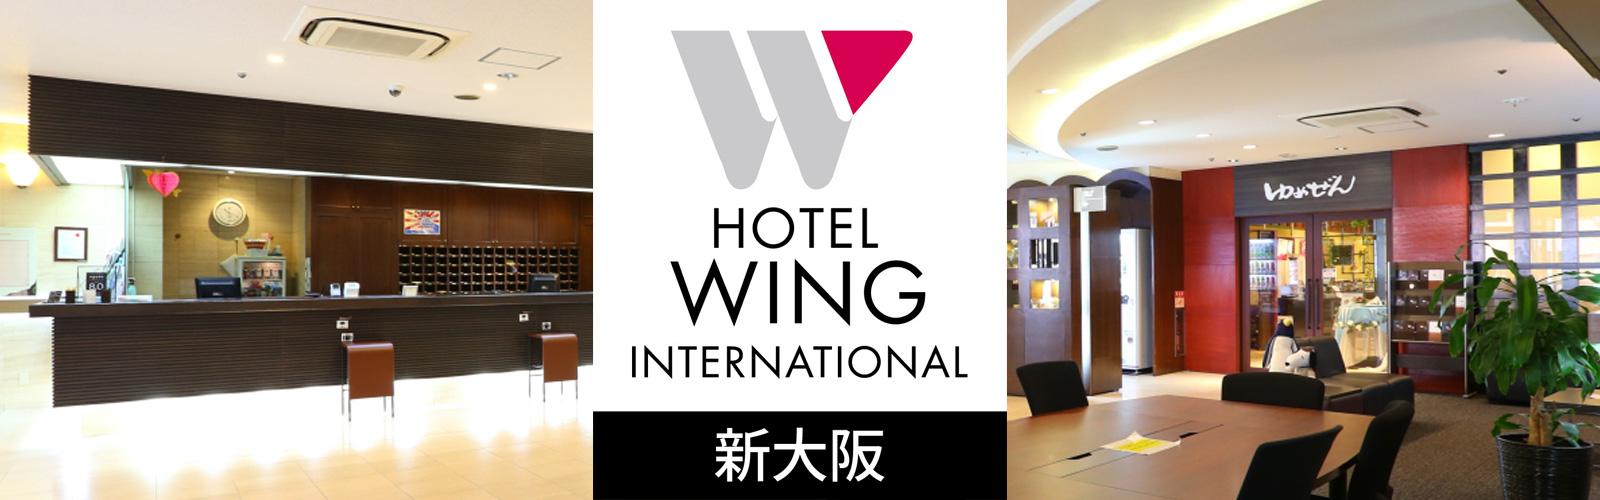 ホテルウィングインターナショナル新大阪(大阪・東三国)